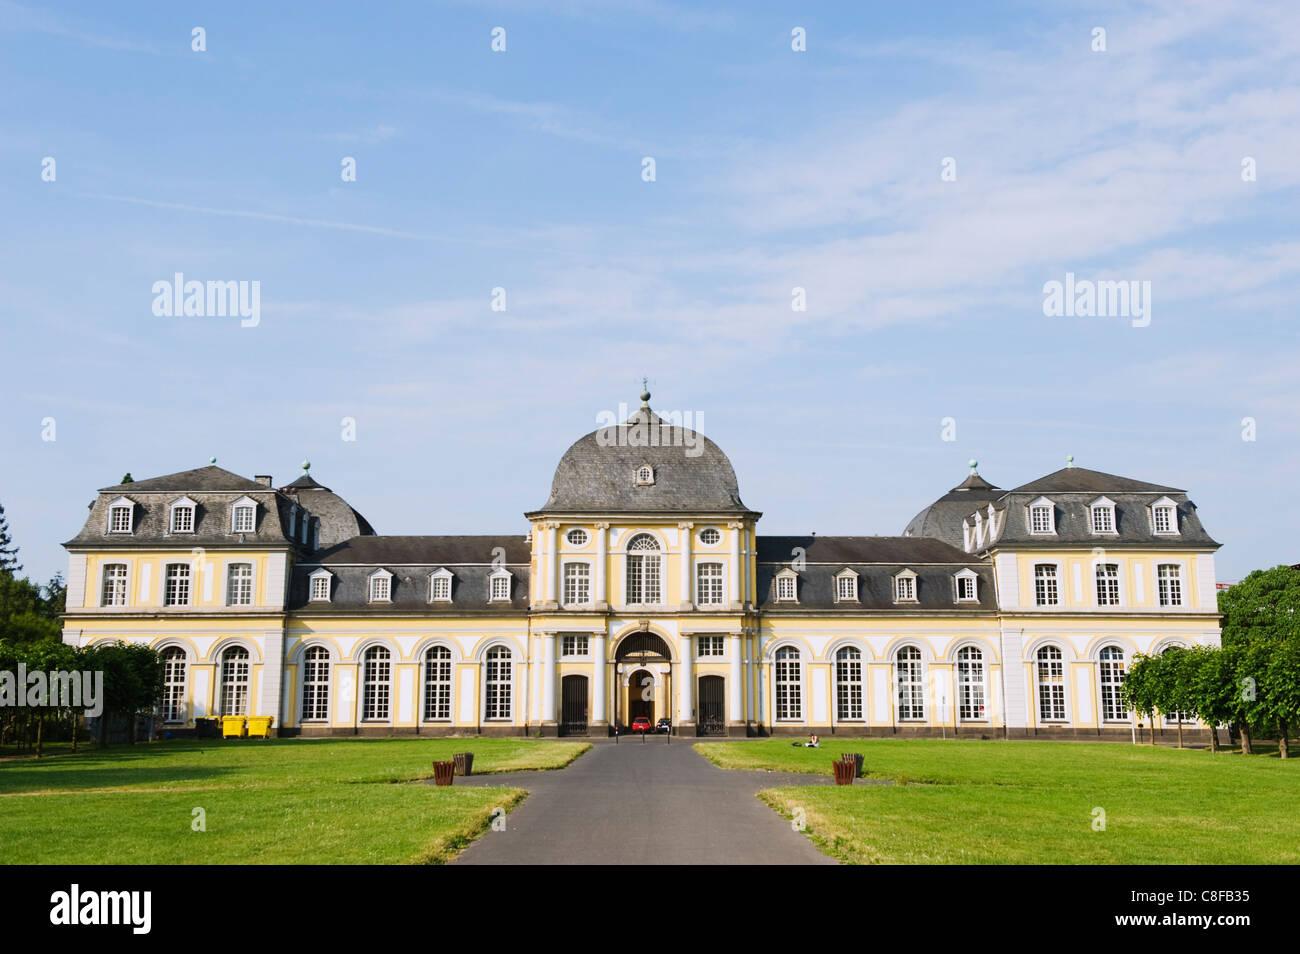 Botanical gardens, Bonn, North Rhineland Westphalia, Germany Stock Photo